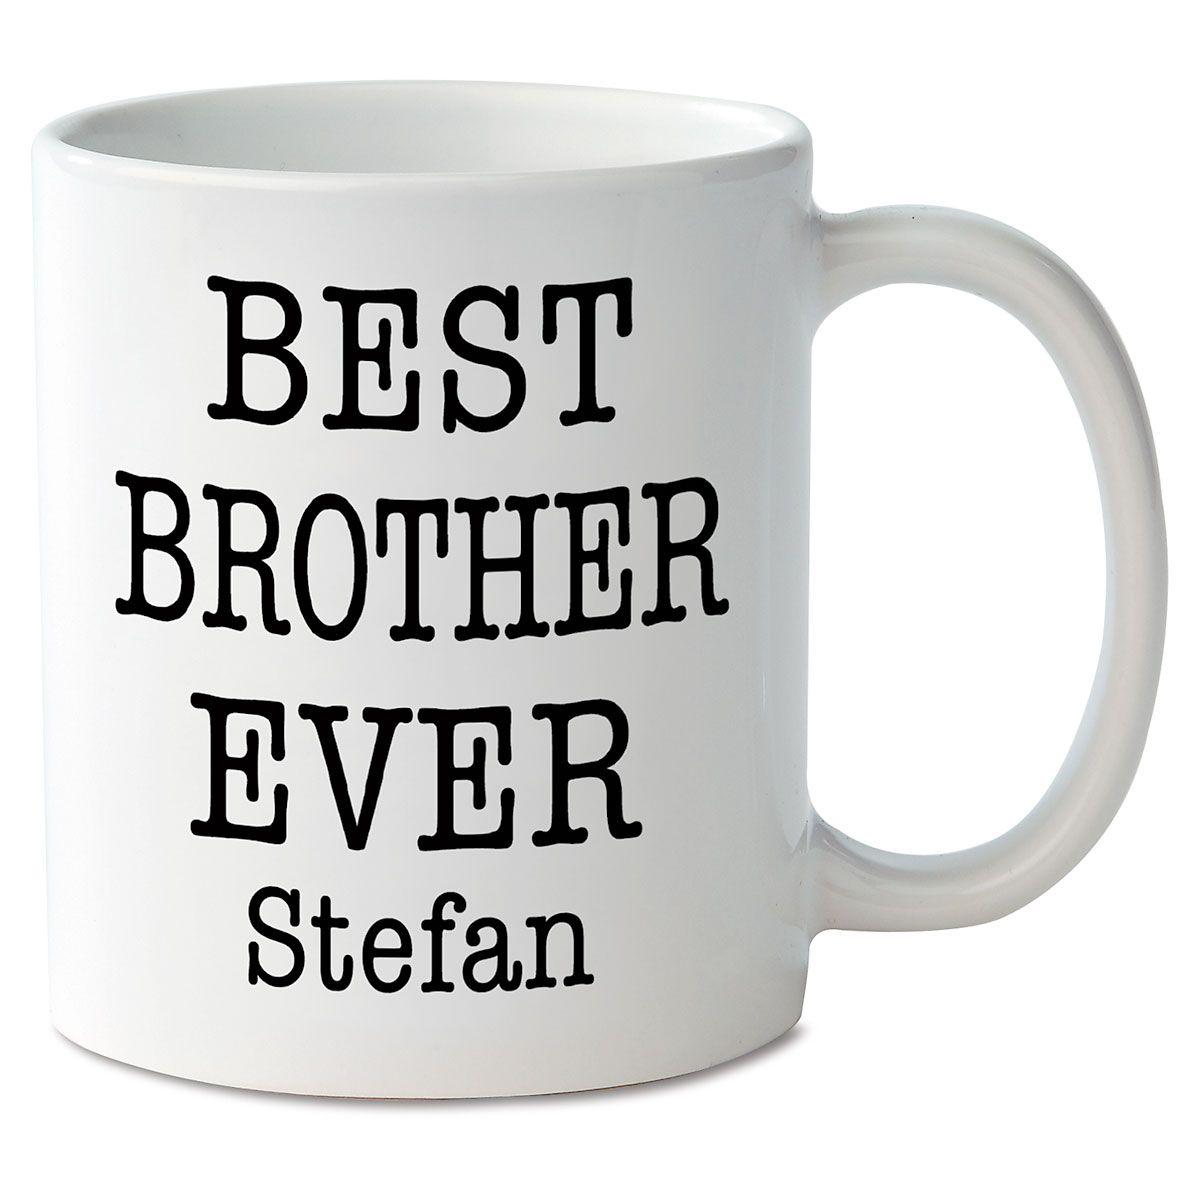 Best Brother Ever Novelty Mug